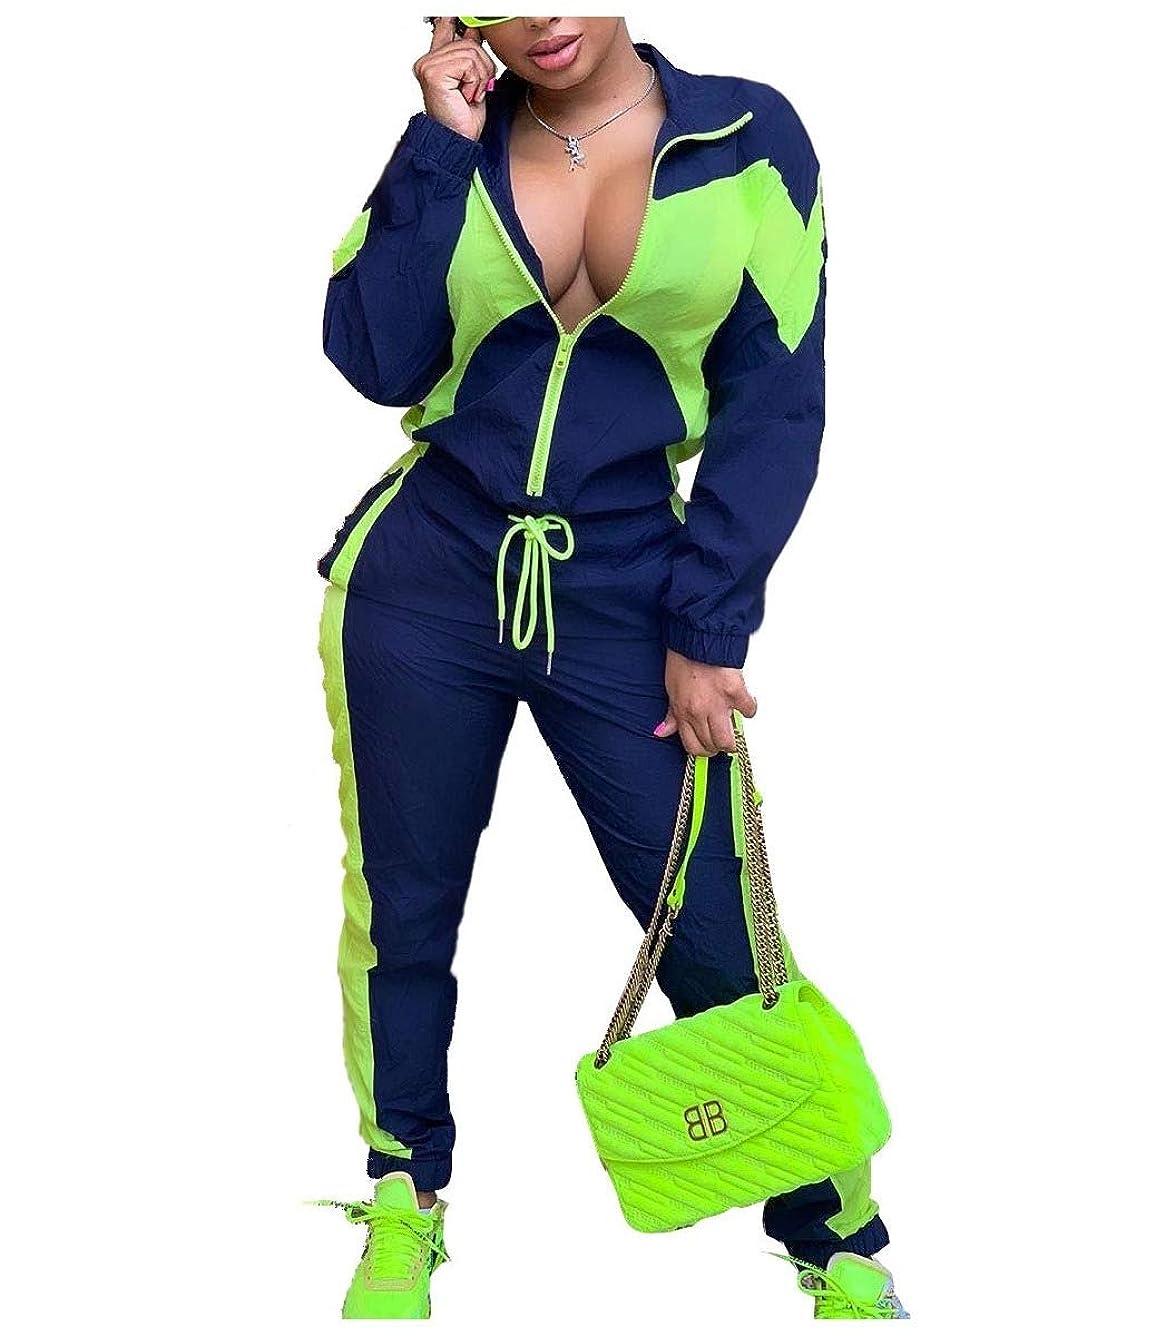 からかう予算ニュージーランドWomen's Active Zip Up Jacket and High Waisted Pants 2-Piece Suit